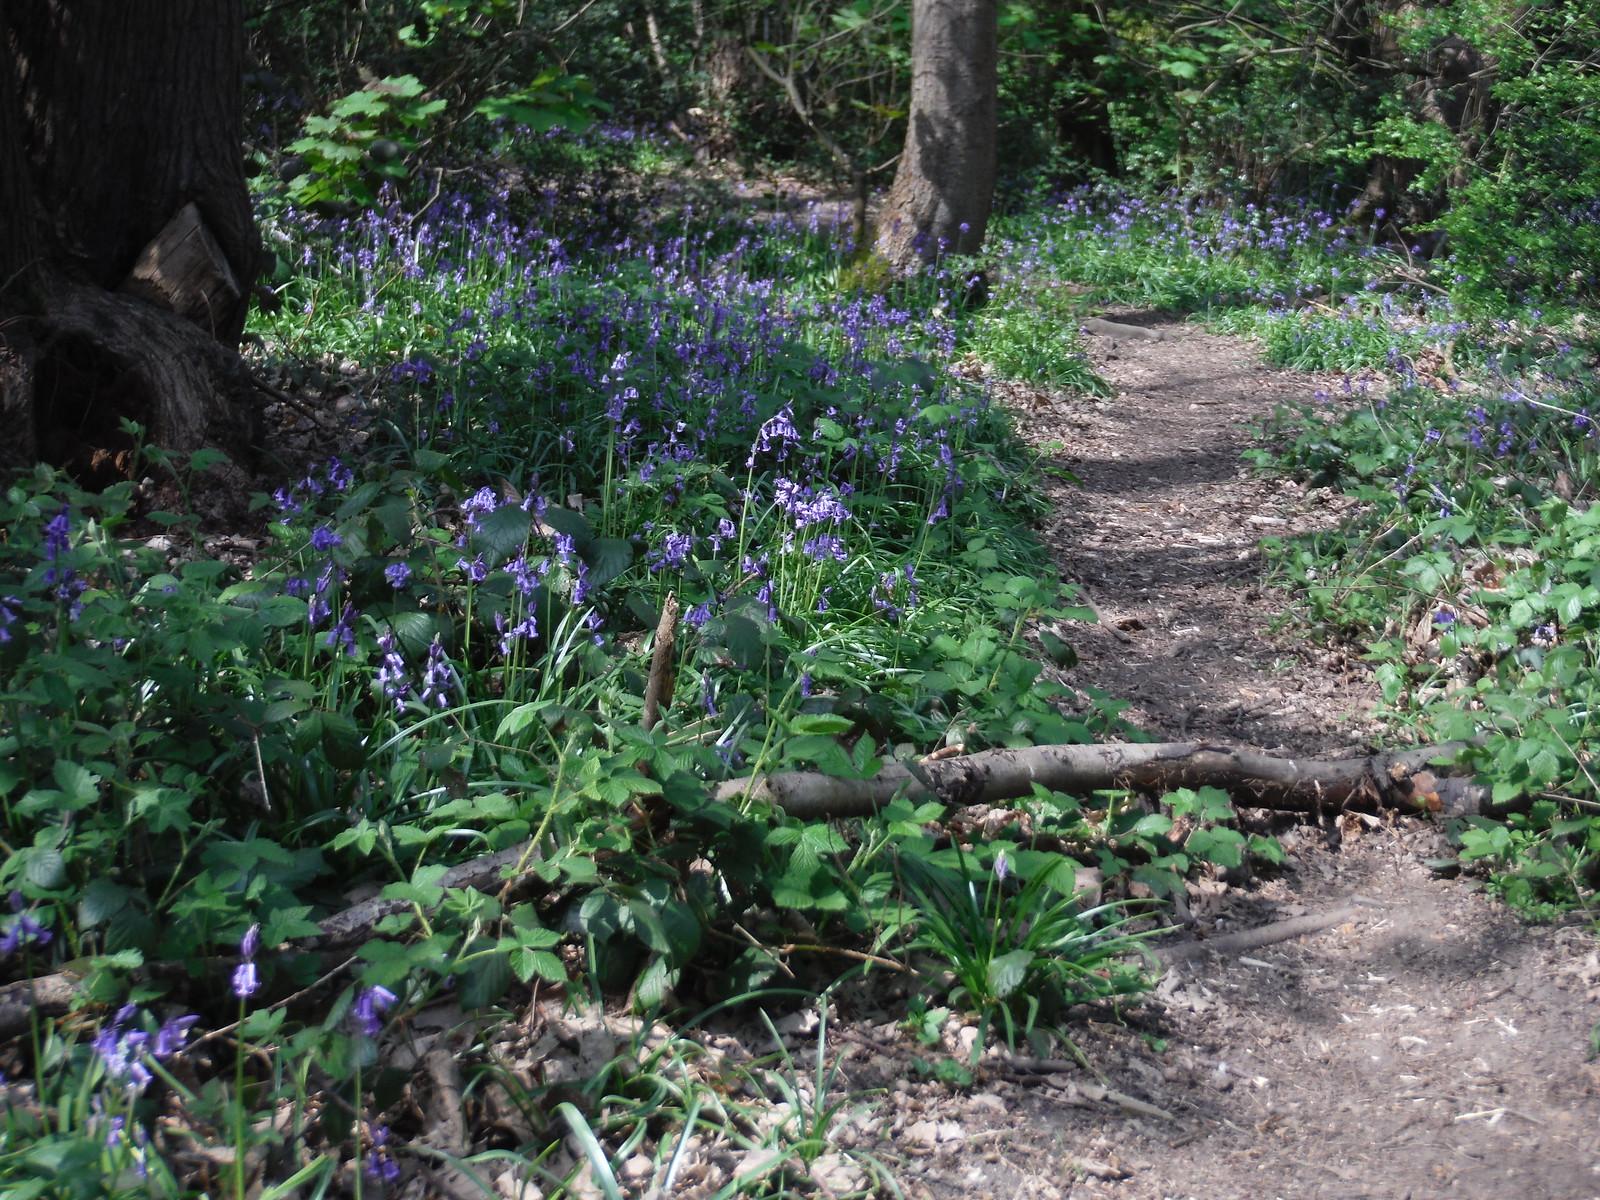 Bluebells in Beckenham Place Park SWC Short Walk 36 - Waterlink Way (Lower Sydenham to Greenwich) [Ravensbourne Start]